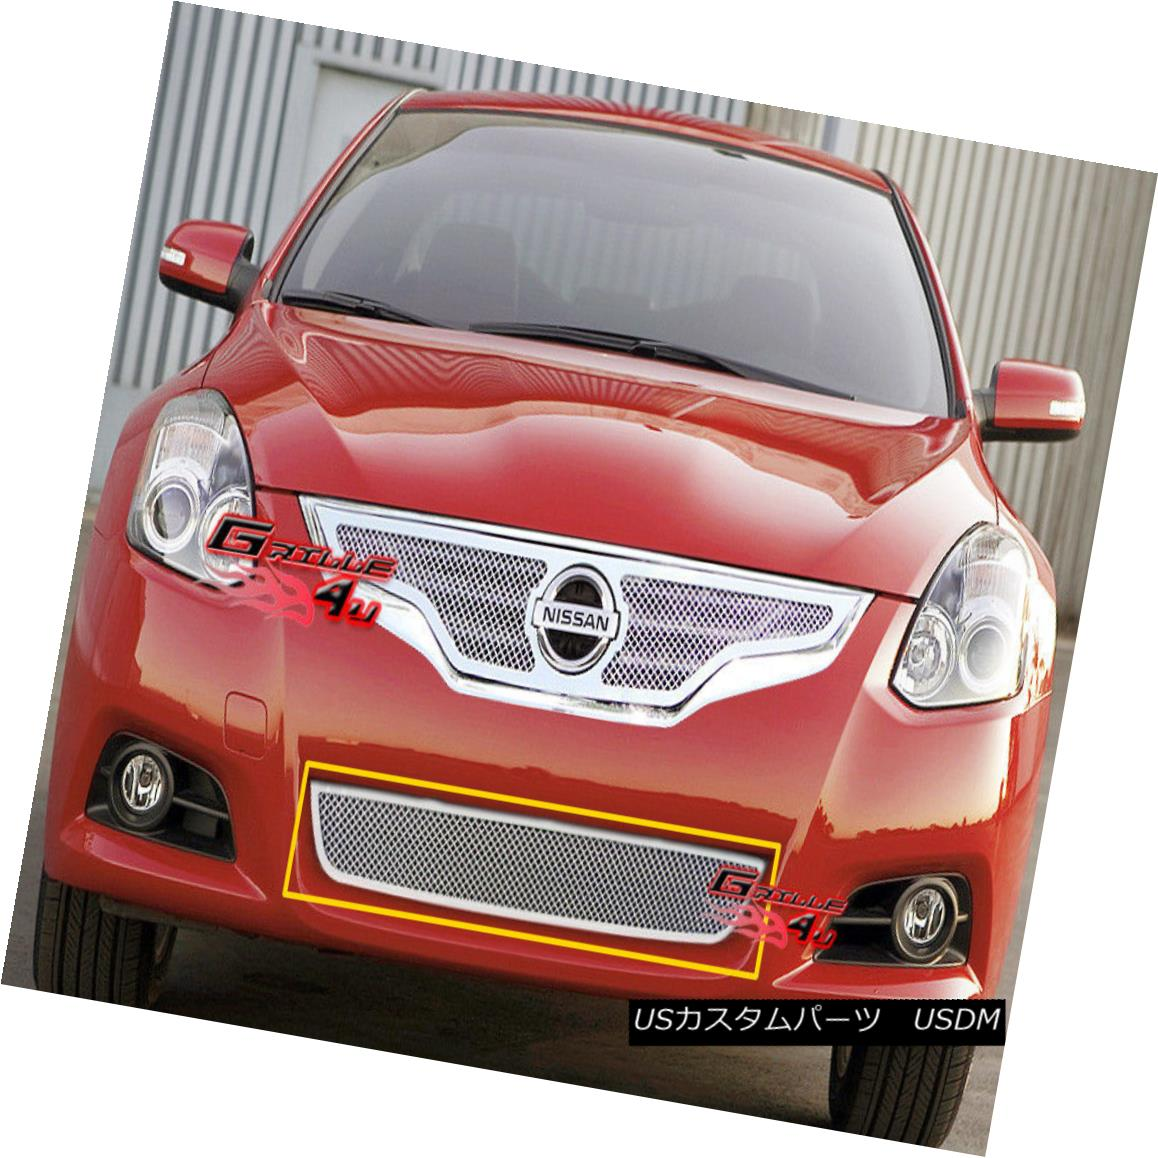 グリル Fits 10-12 Nissan Altima Coupe Lower Bumper Stainless Mesh Grille フィット10-12日産アルティマクーペロワーバンパーステンレスメッシュグリル